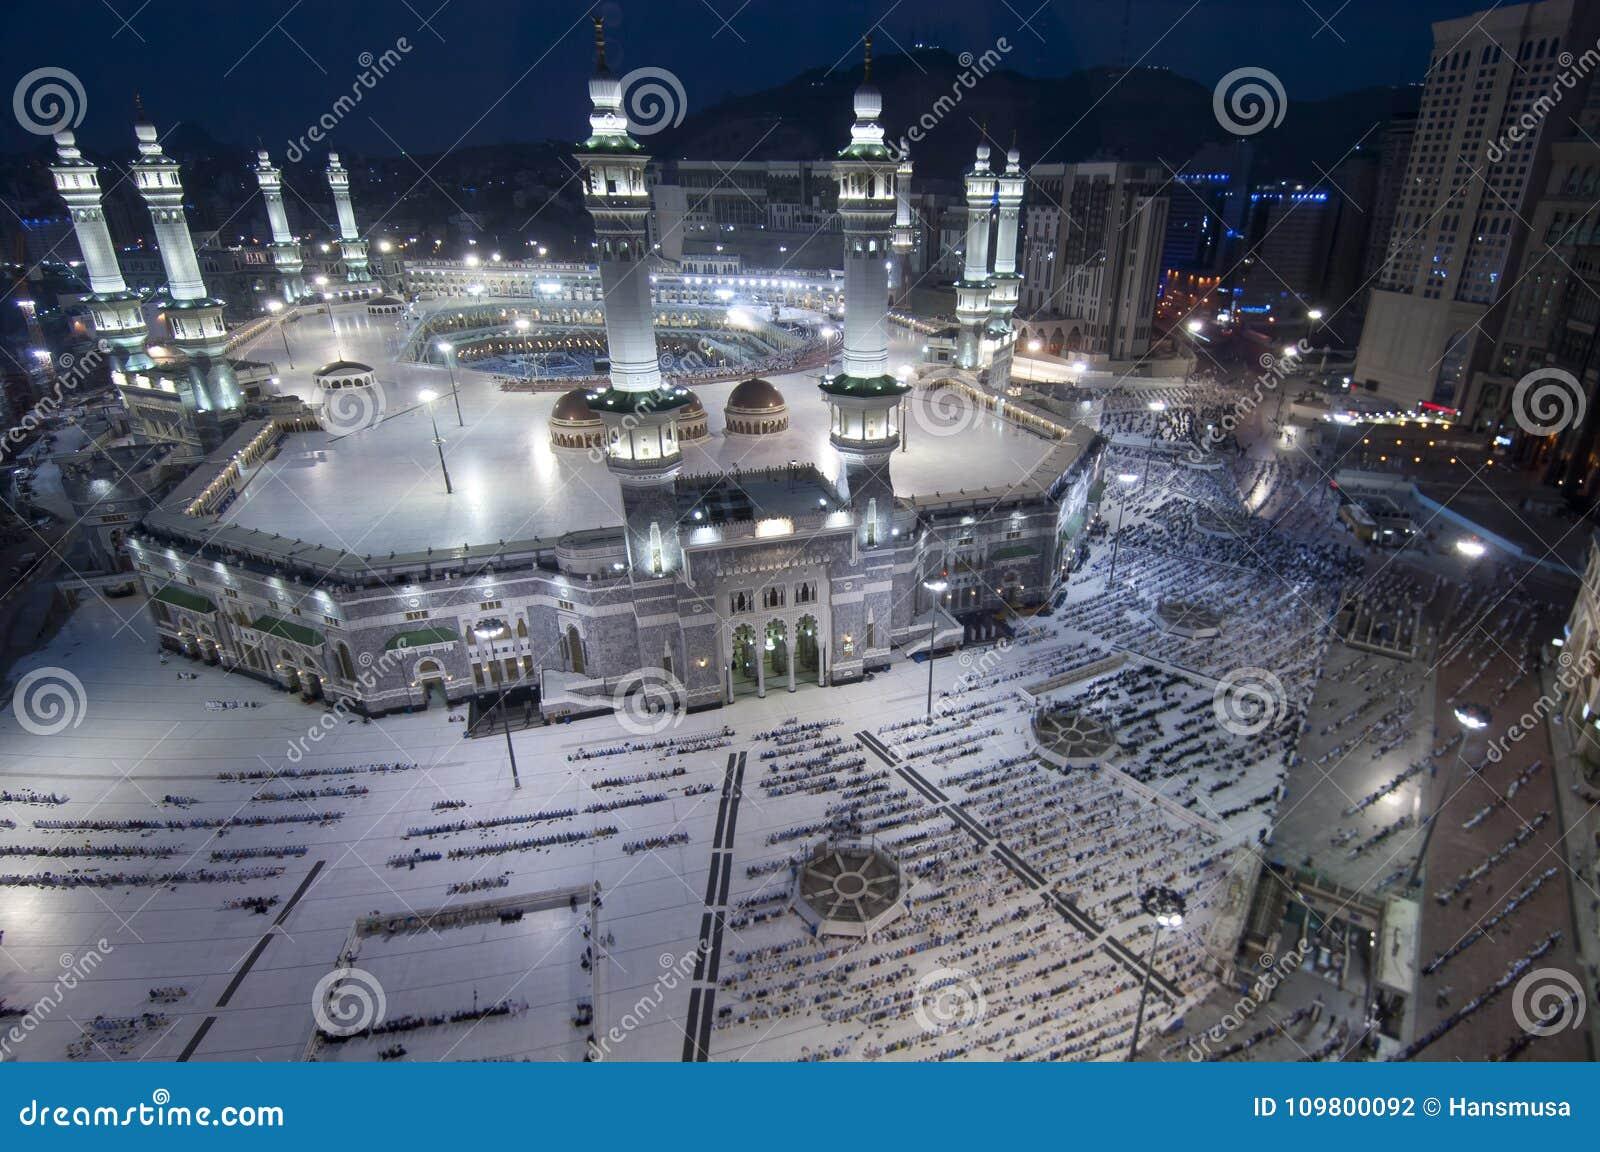 Modlitwa i Tawaf muzułmanie Wokoło AlKaaba w mekce, saudyjczyk Arabi